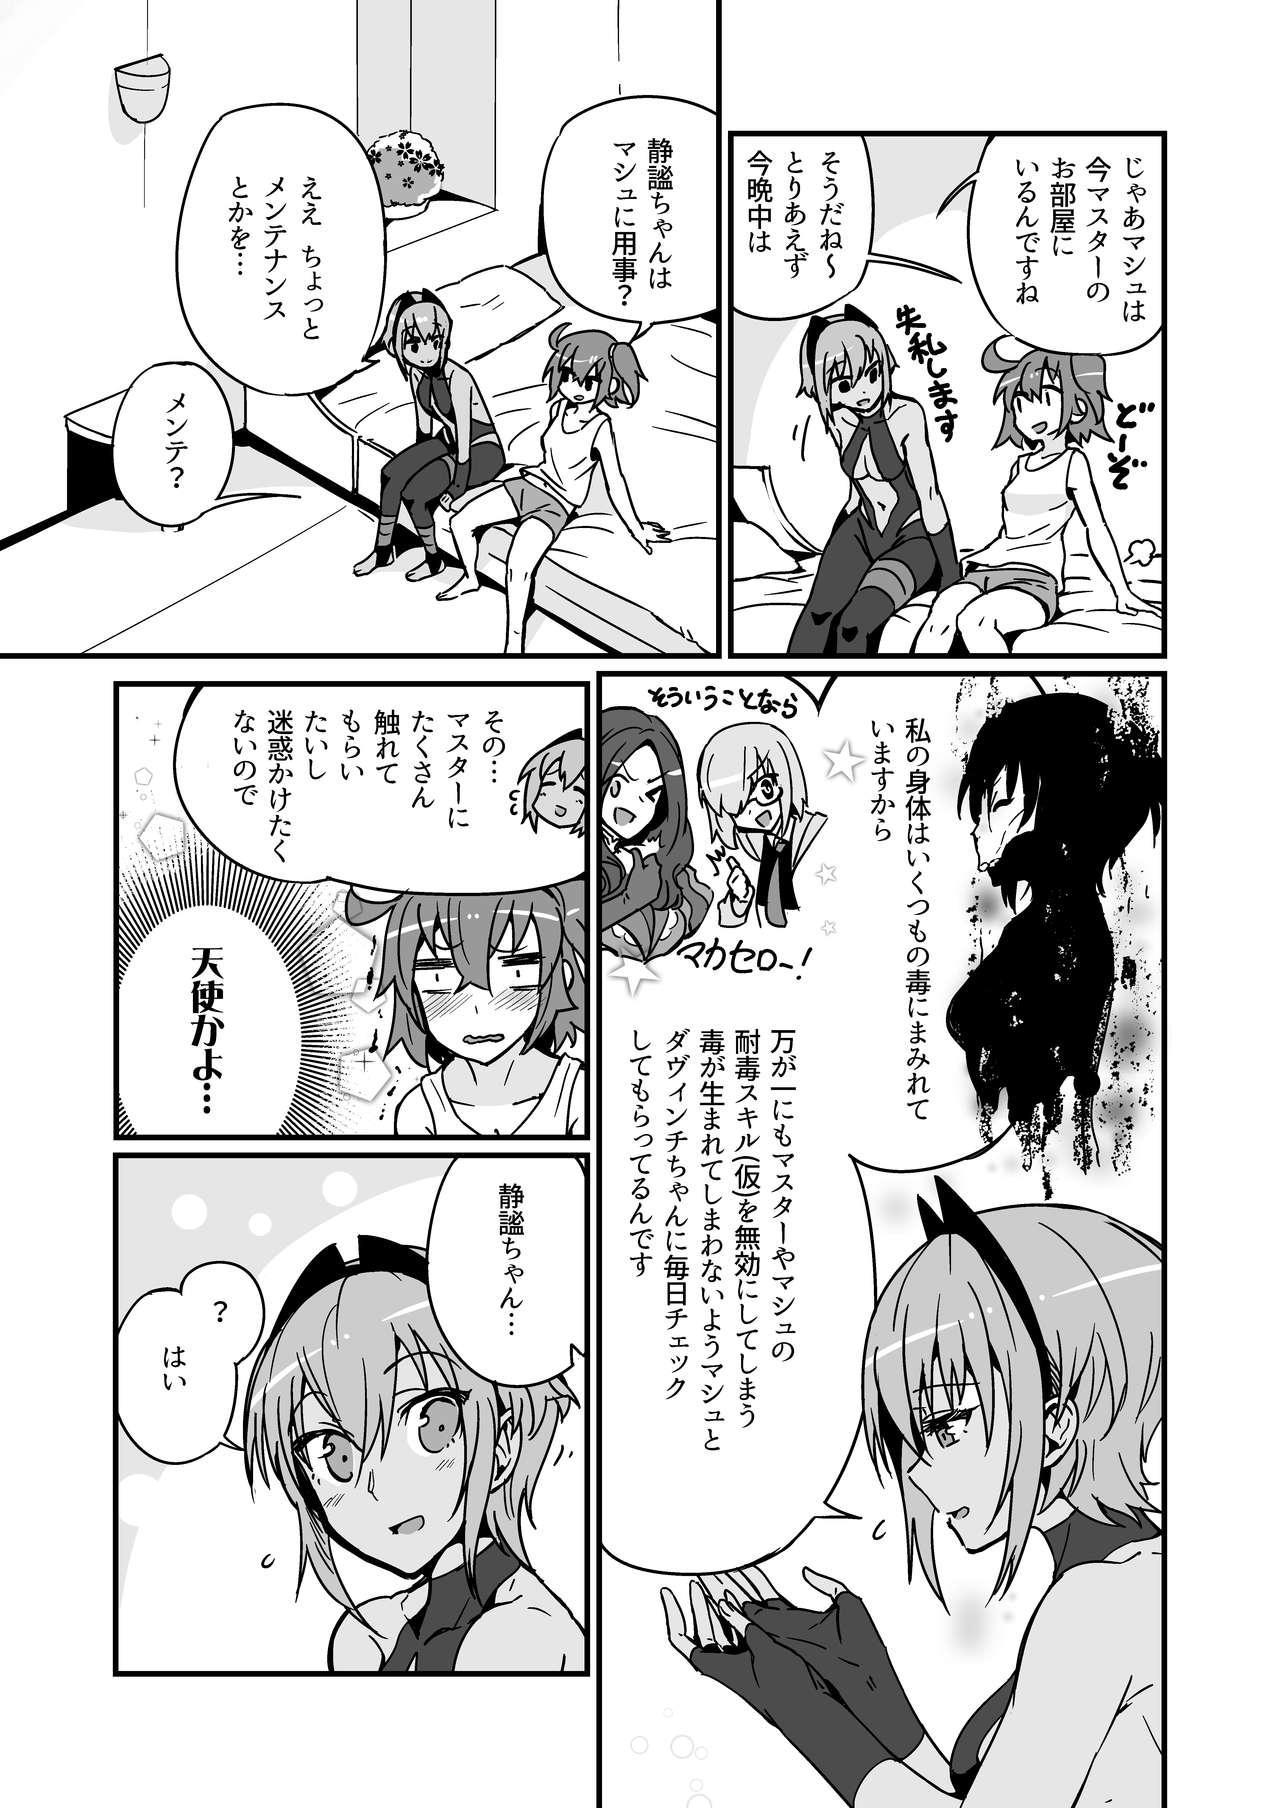 Seihitsu-chan wa Fureraretai 18